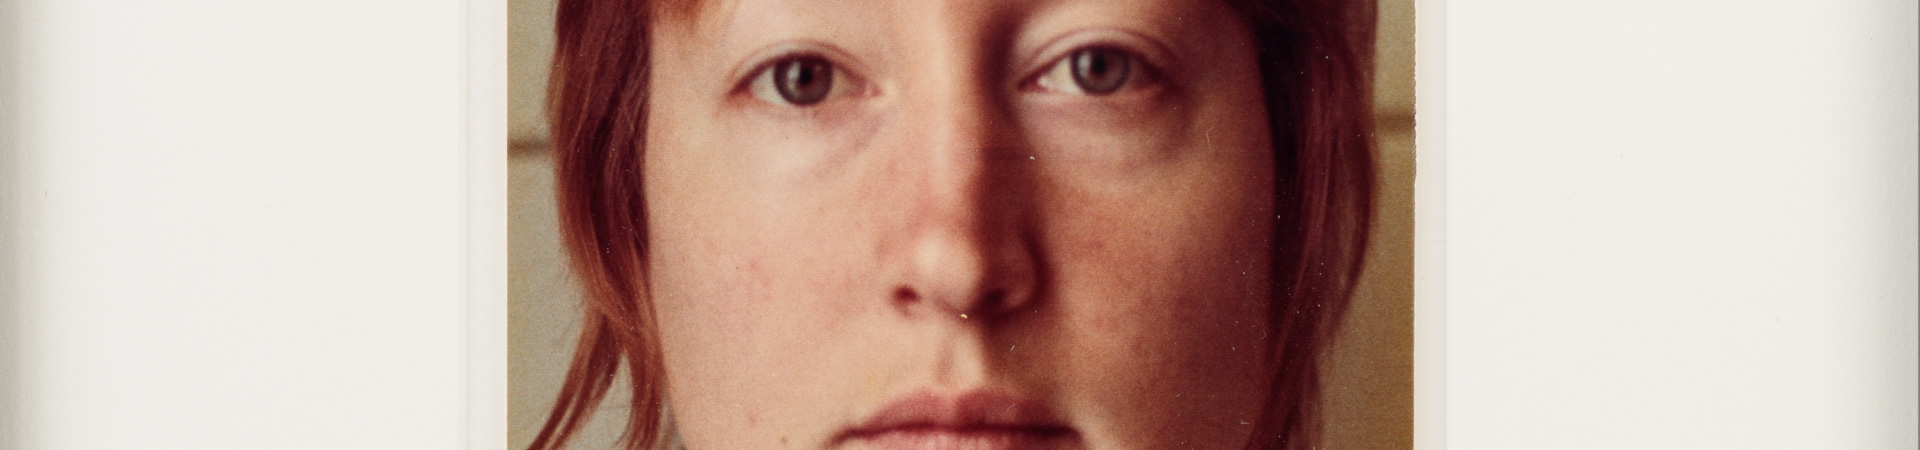 Une des expositions visibles au Centre Pompidou : l'exposition sur Martha Wilson